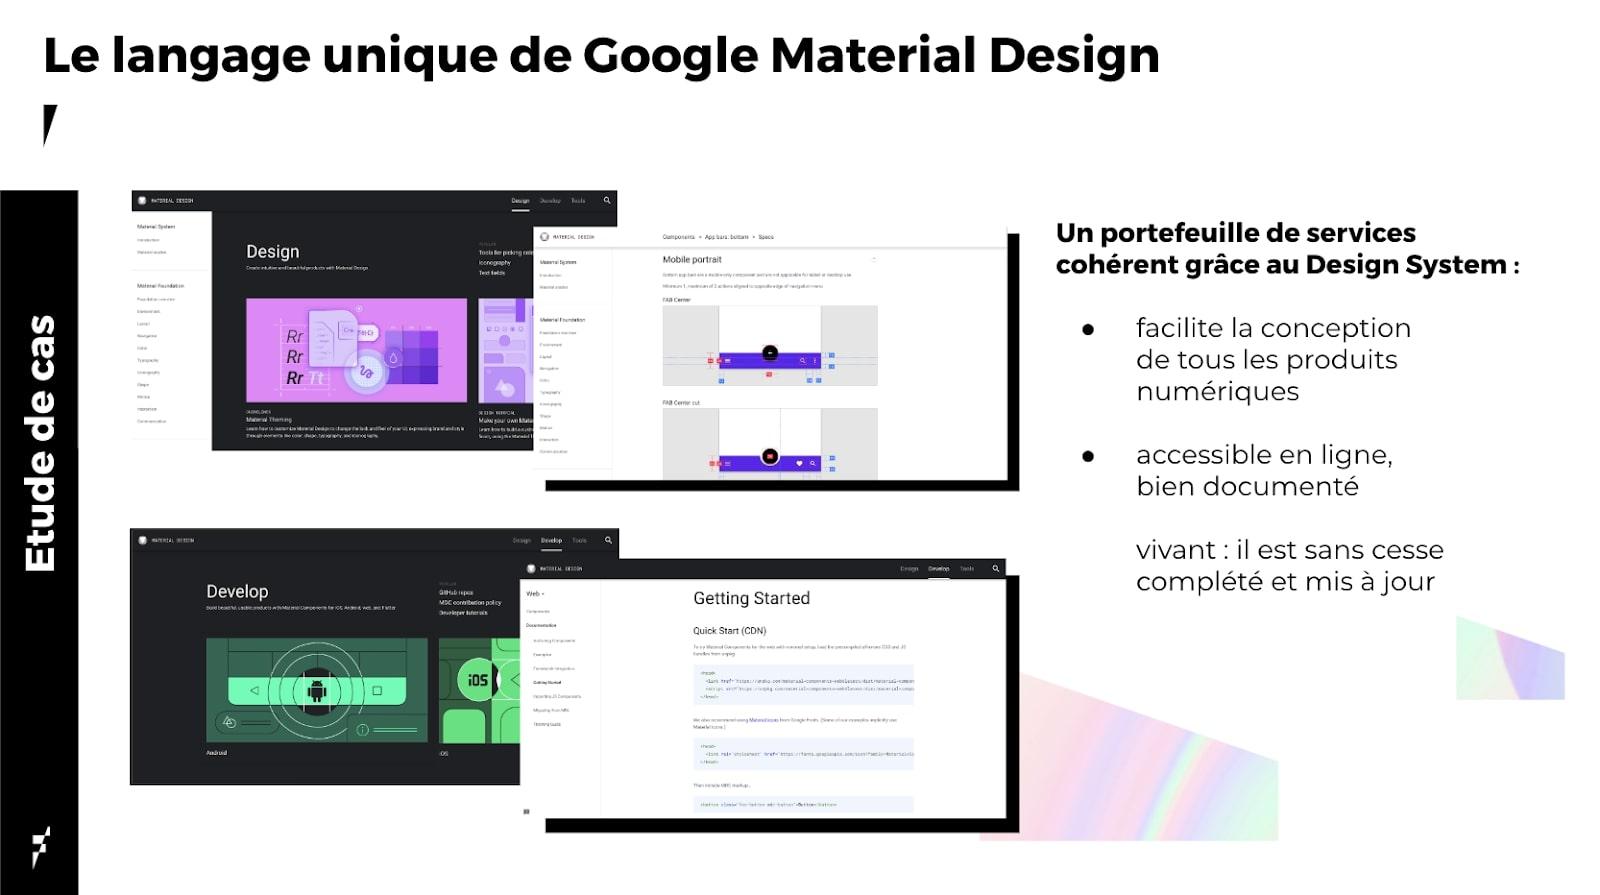 Le Design System de Google